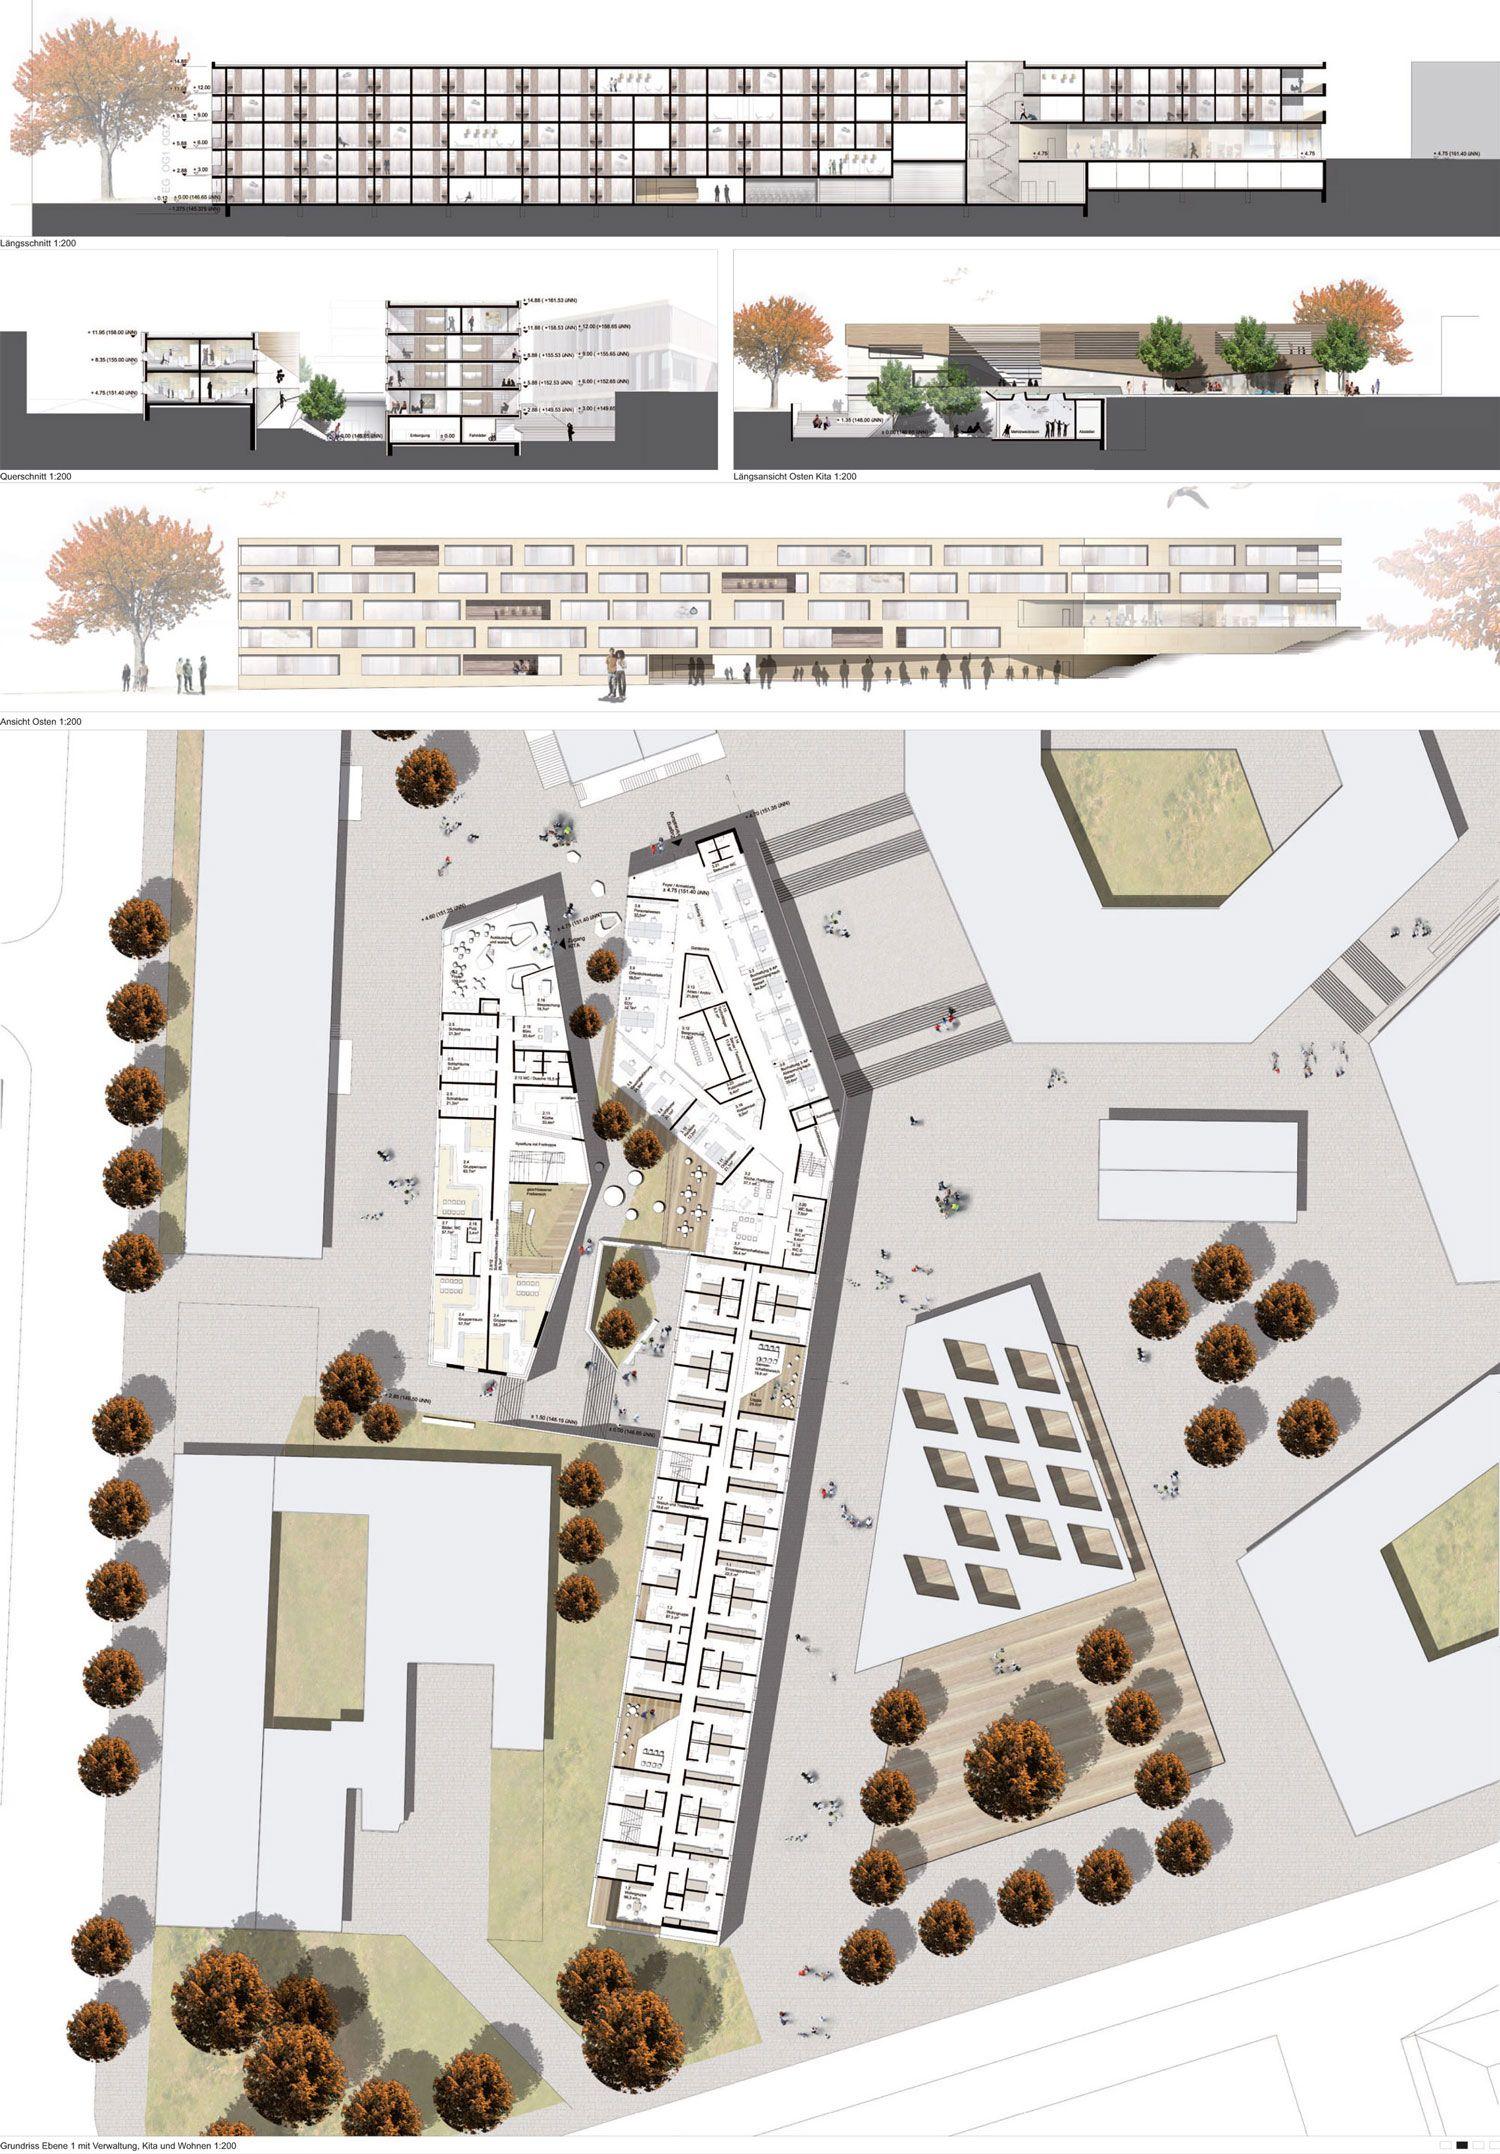 Innenarchitektur Wettbewerb wettbewerb studentenwohnheim kassel plan02 housing